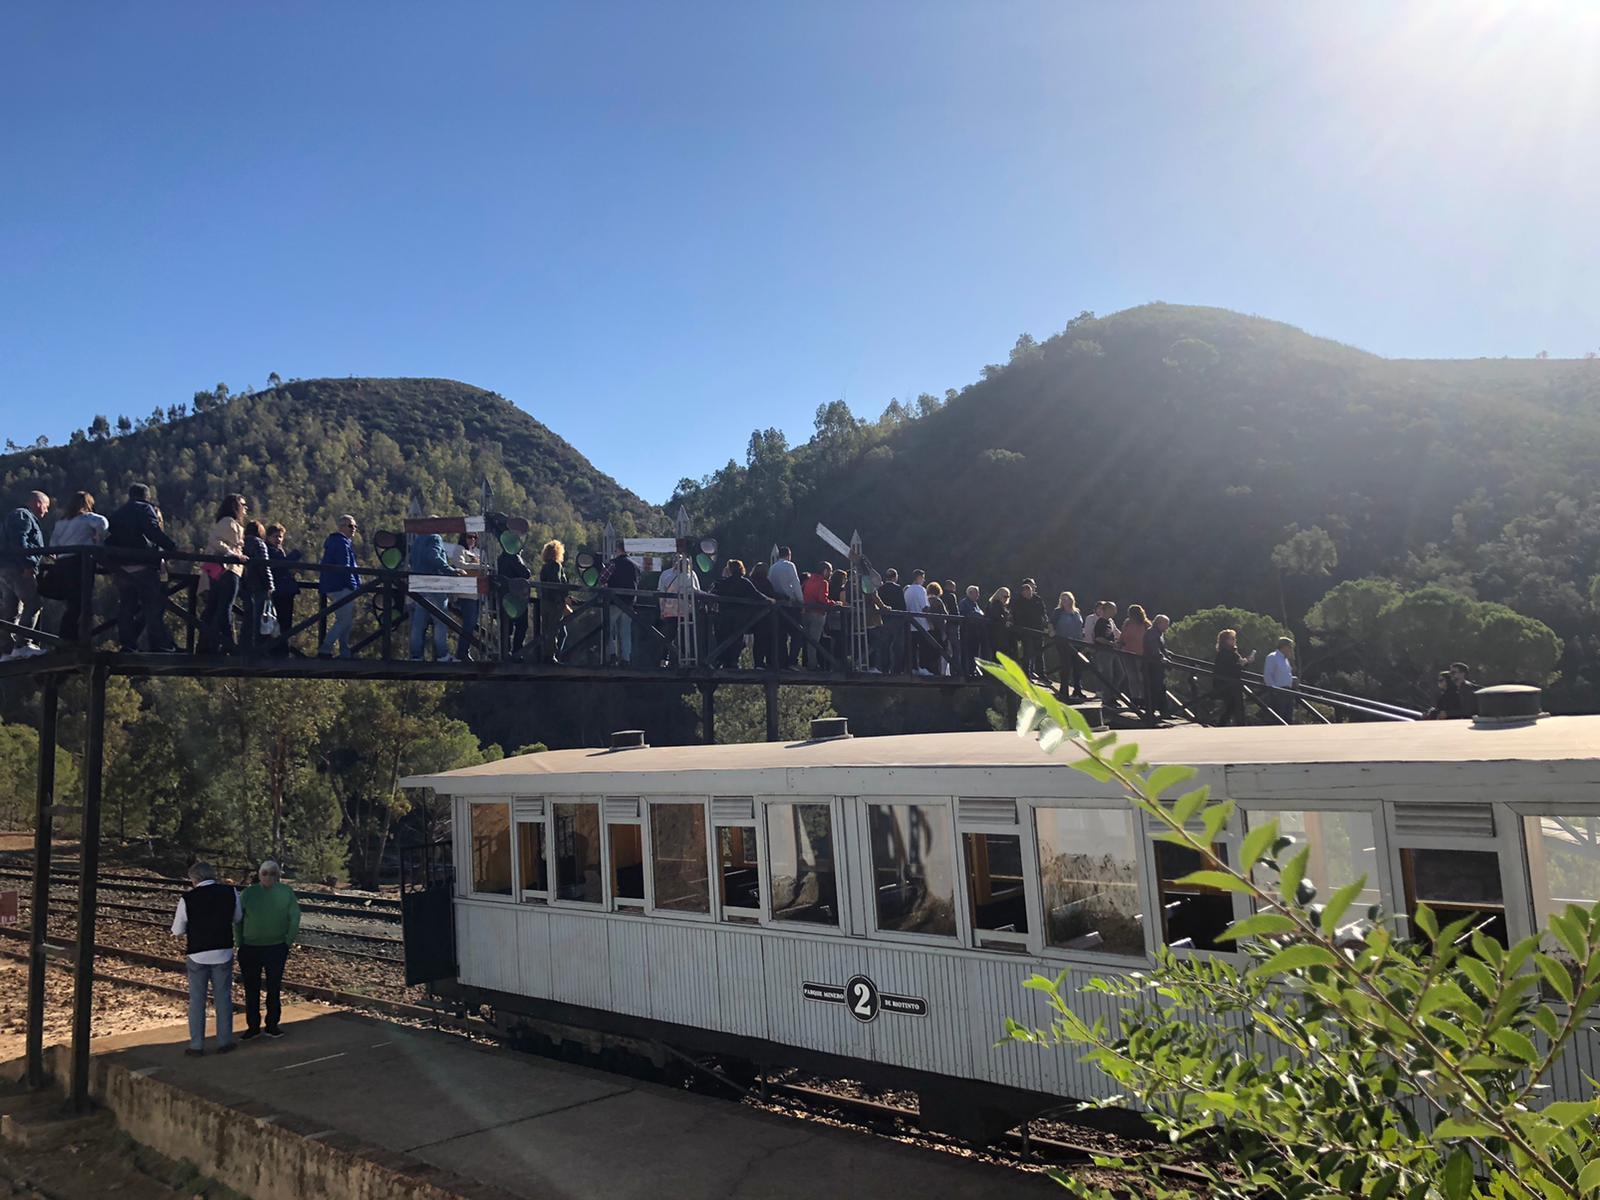 Viaje a las Minas de Río Tinto y a la Yeguada Peralta con nuestros clientes